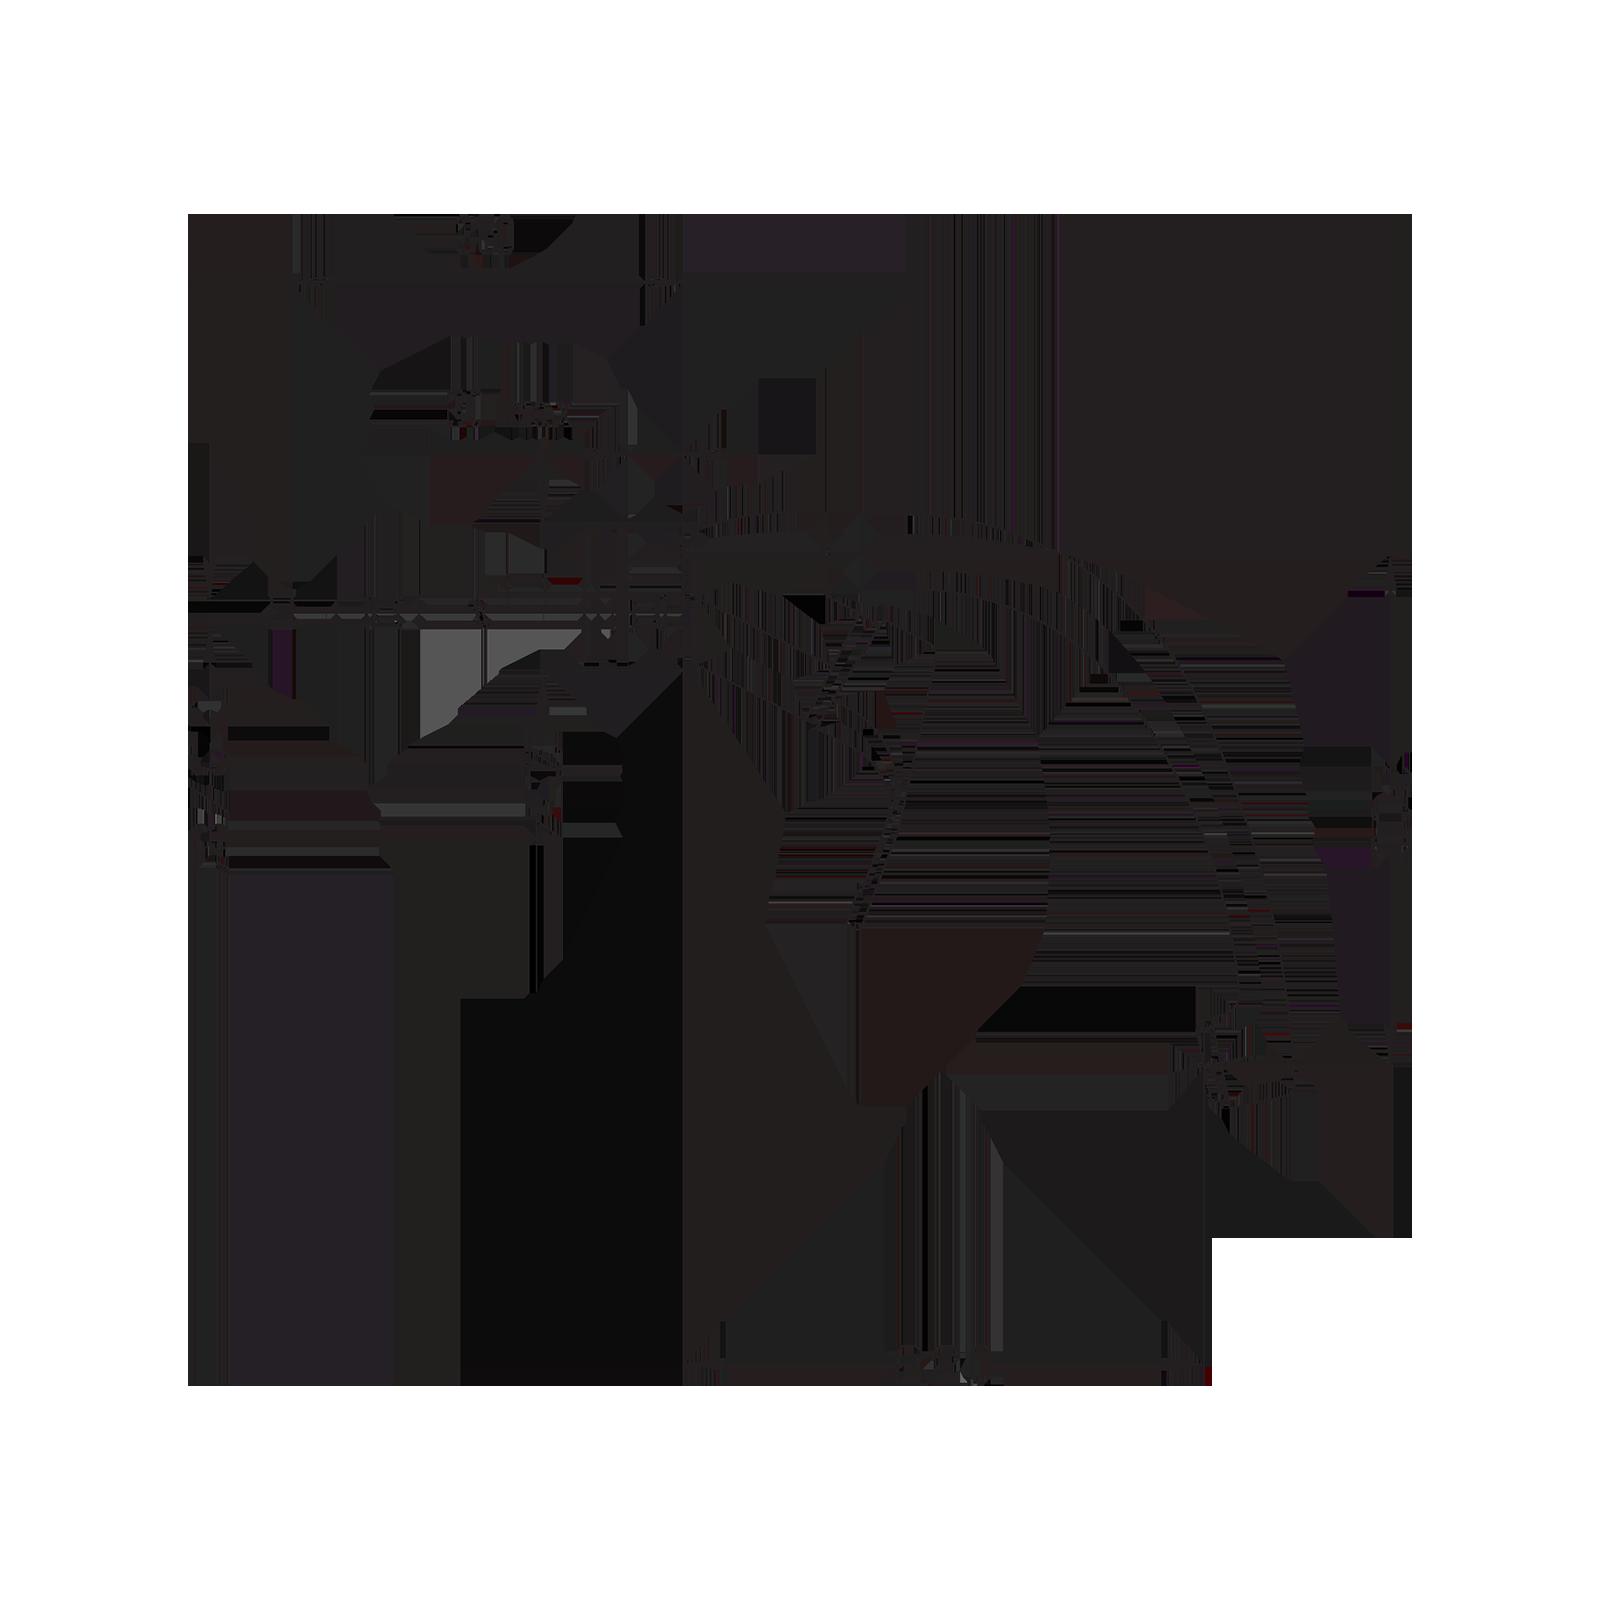 Einhebel-Spülmischer mit seitlichem Griff und Schwenkausdrehmittel.